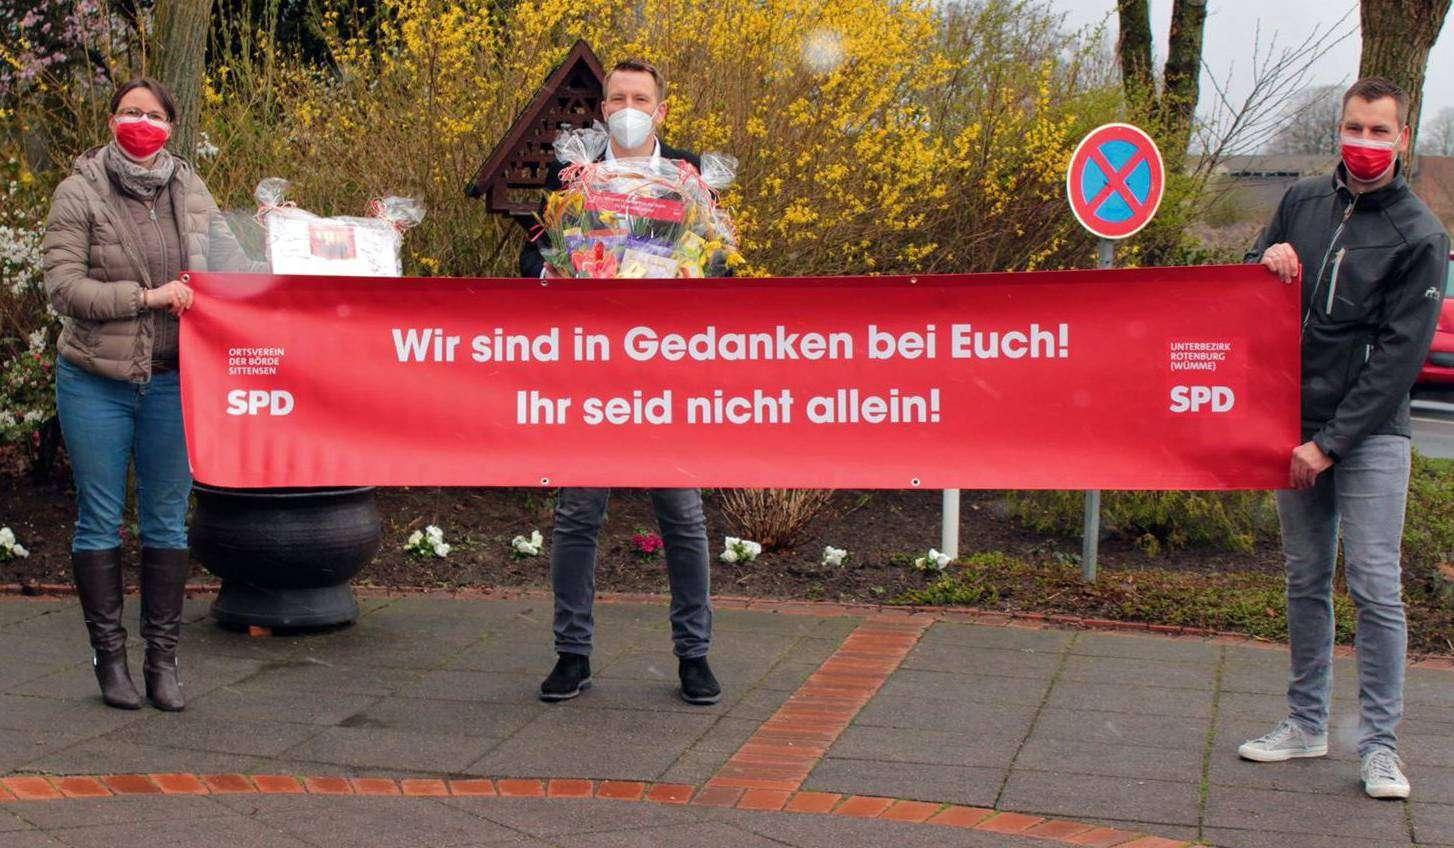 Jennifer und Sven Urban (links und rechts) vom SPD-Ortsverein der Börde Sittensen mit dem Leiter des Sittenser Wohn- und Pflegezentrums Upu2019n Kamp, Sören Bohlmann und einem eigens erstellten Banner.